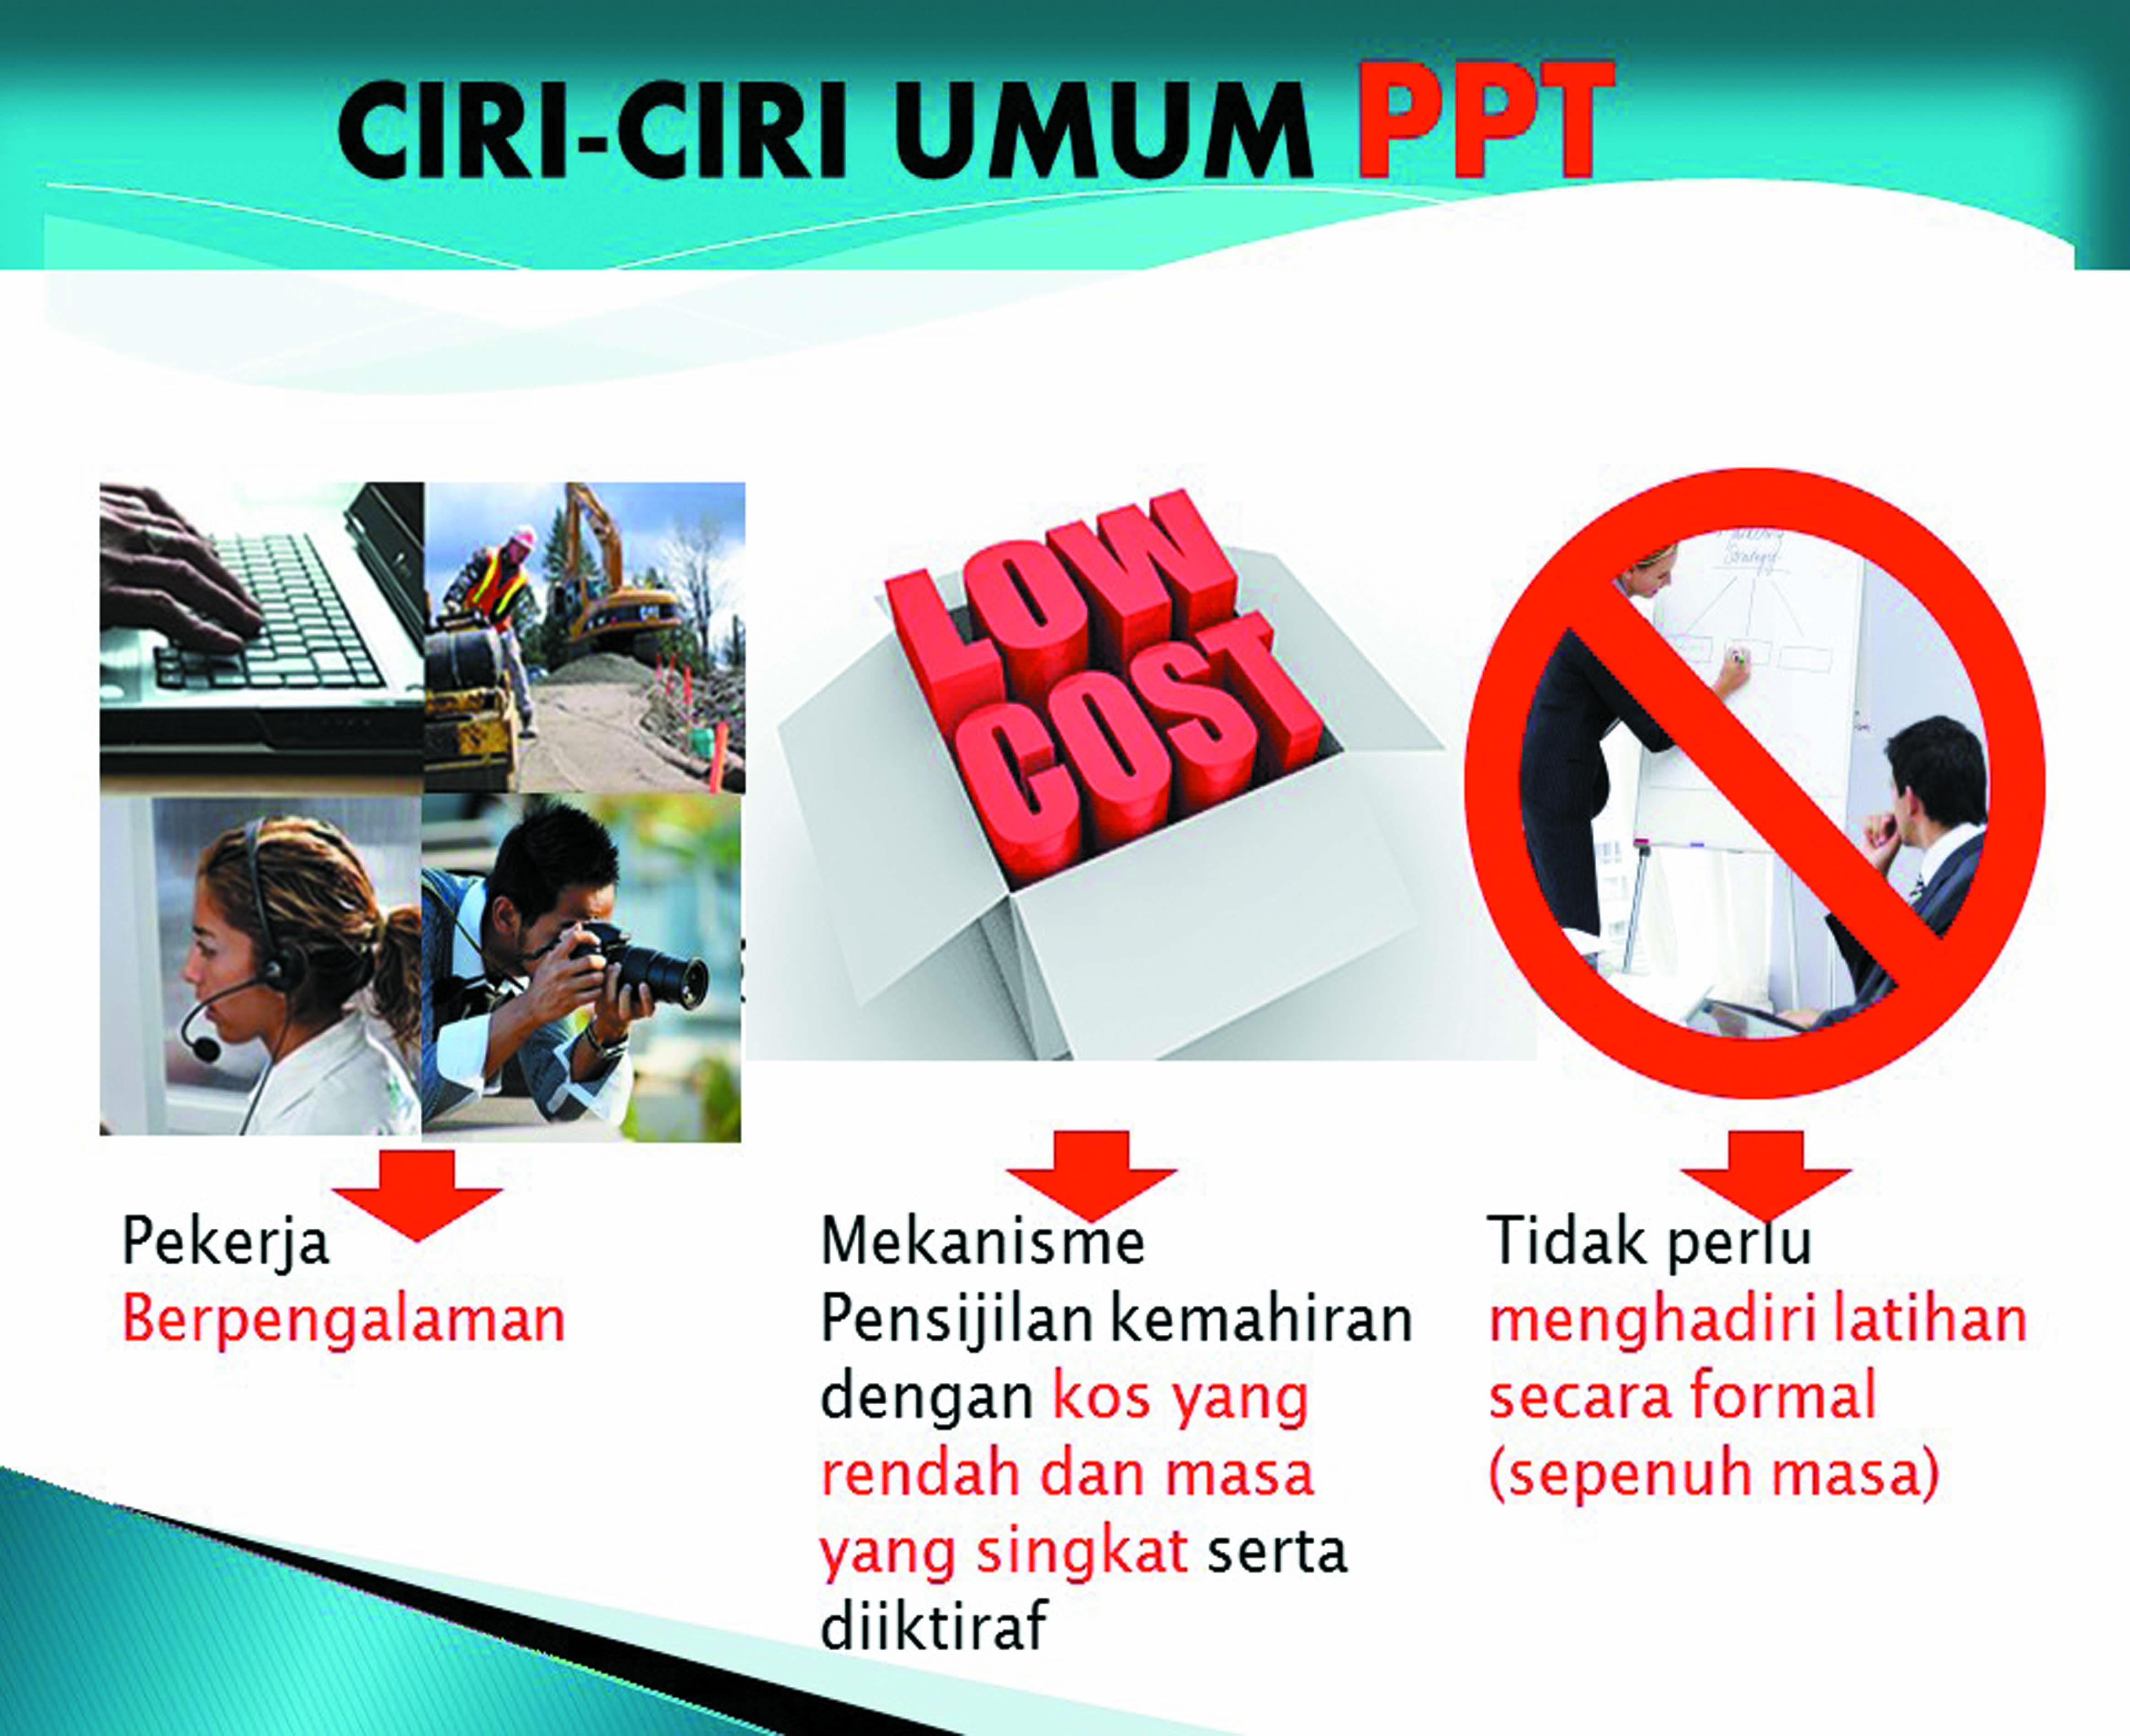 2_ciri_umum_ppt.jpg